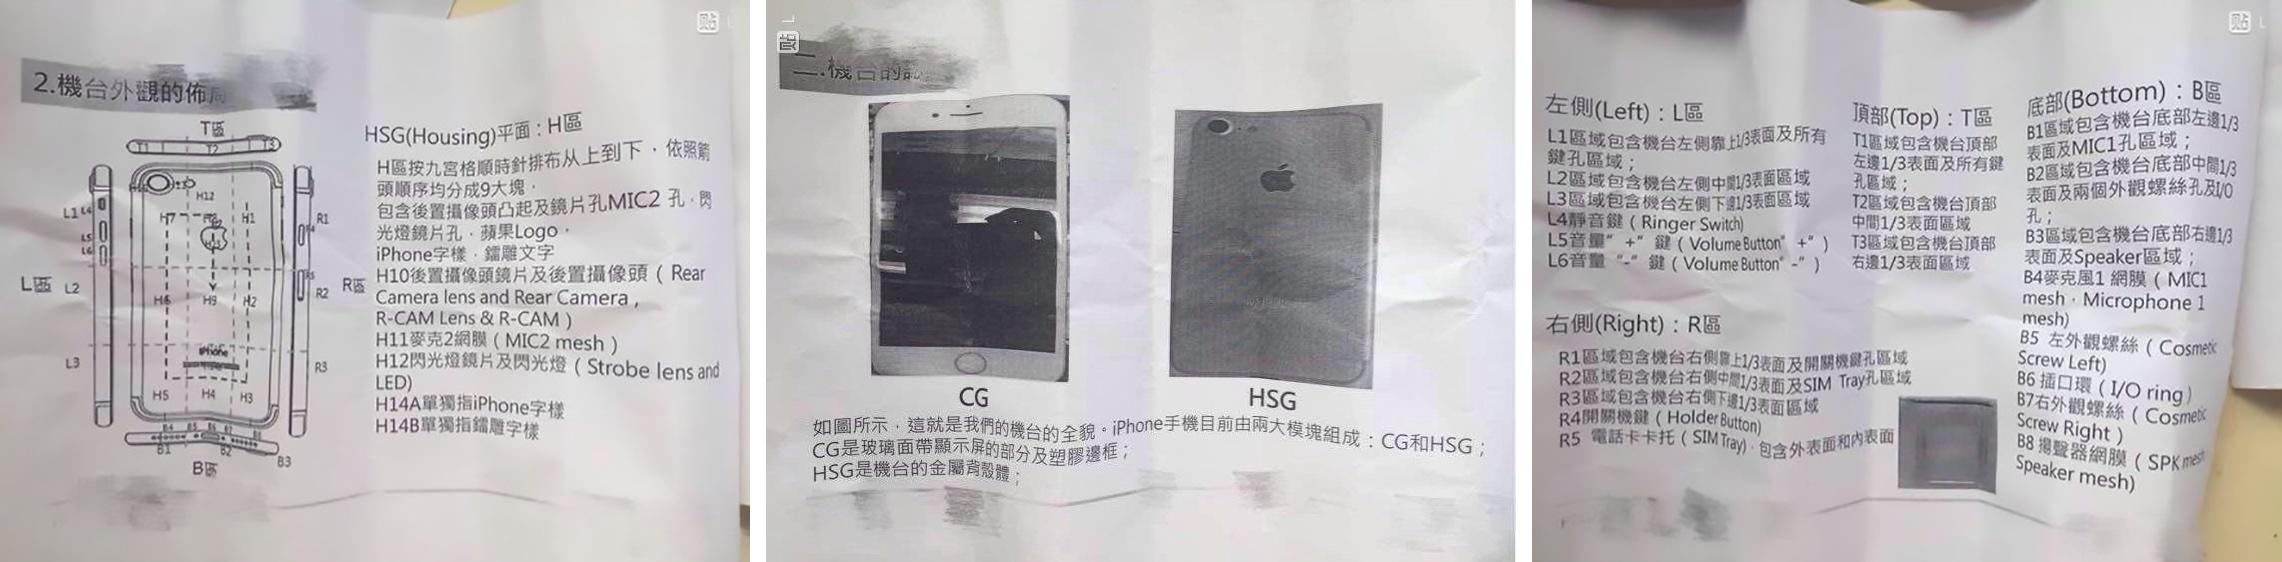 iPhone 7 drawings speaker grille NowhereElse 002